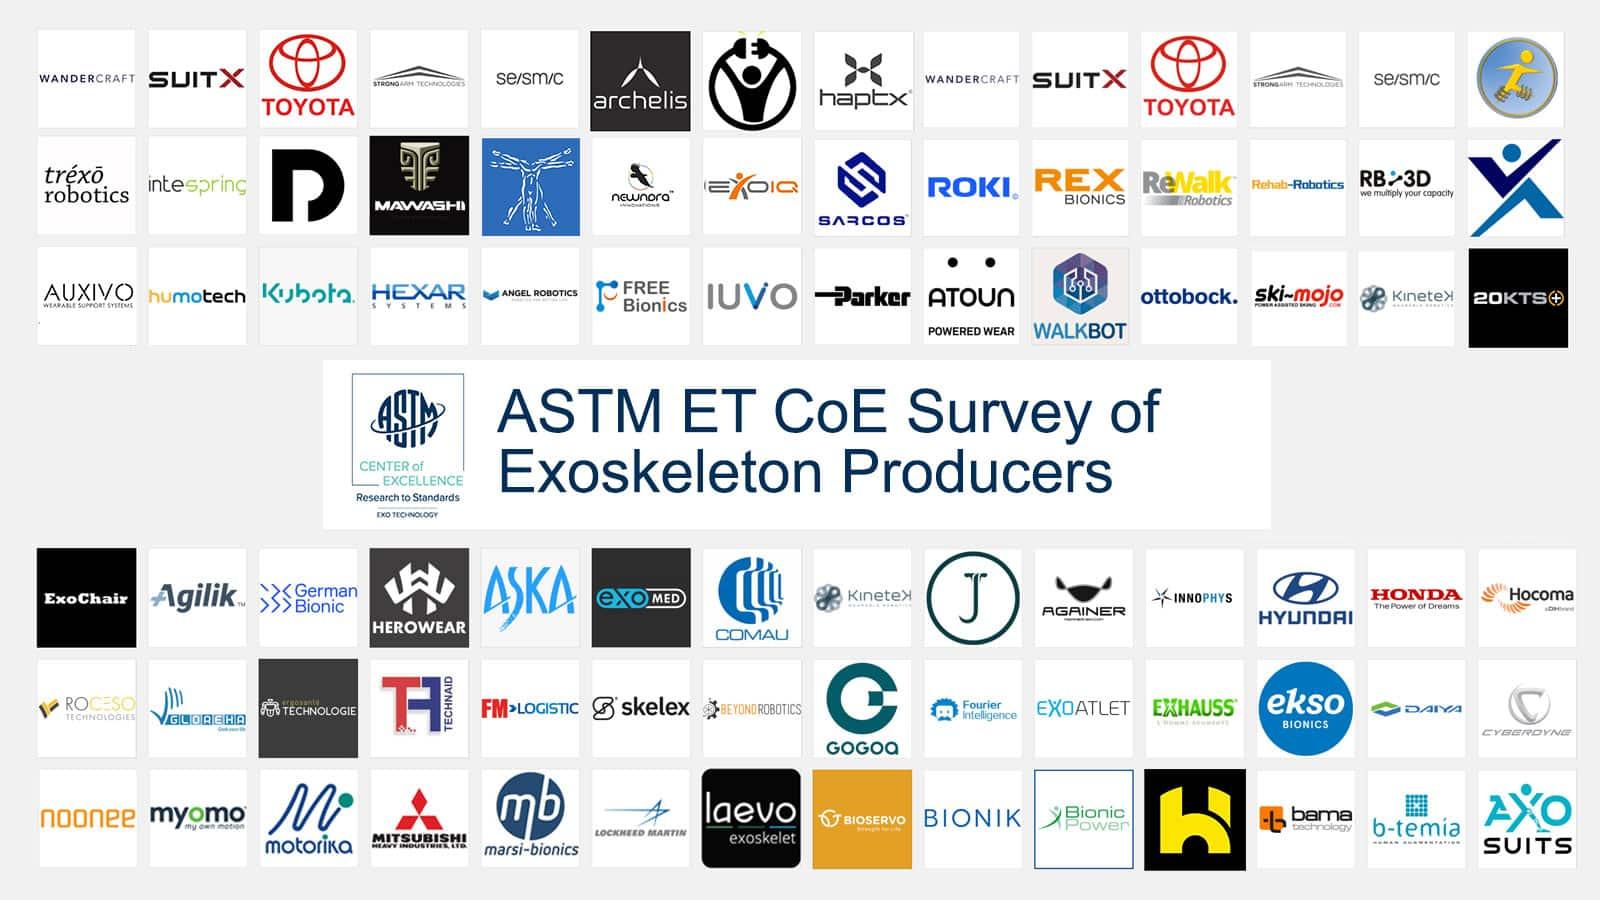 exoskeleton producer survey